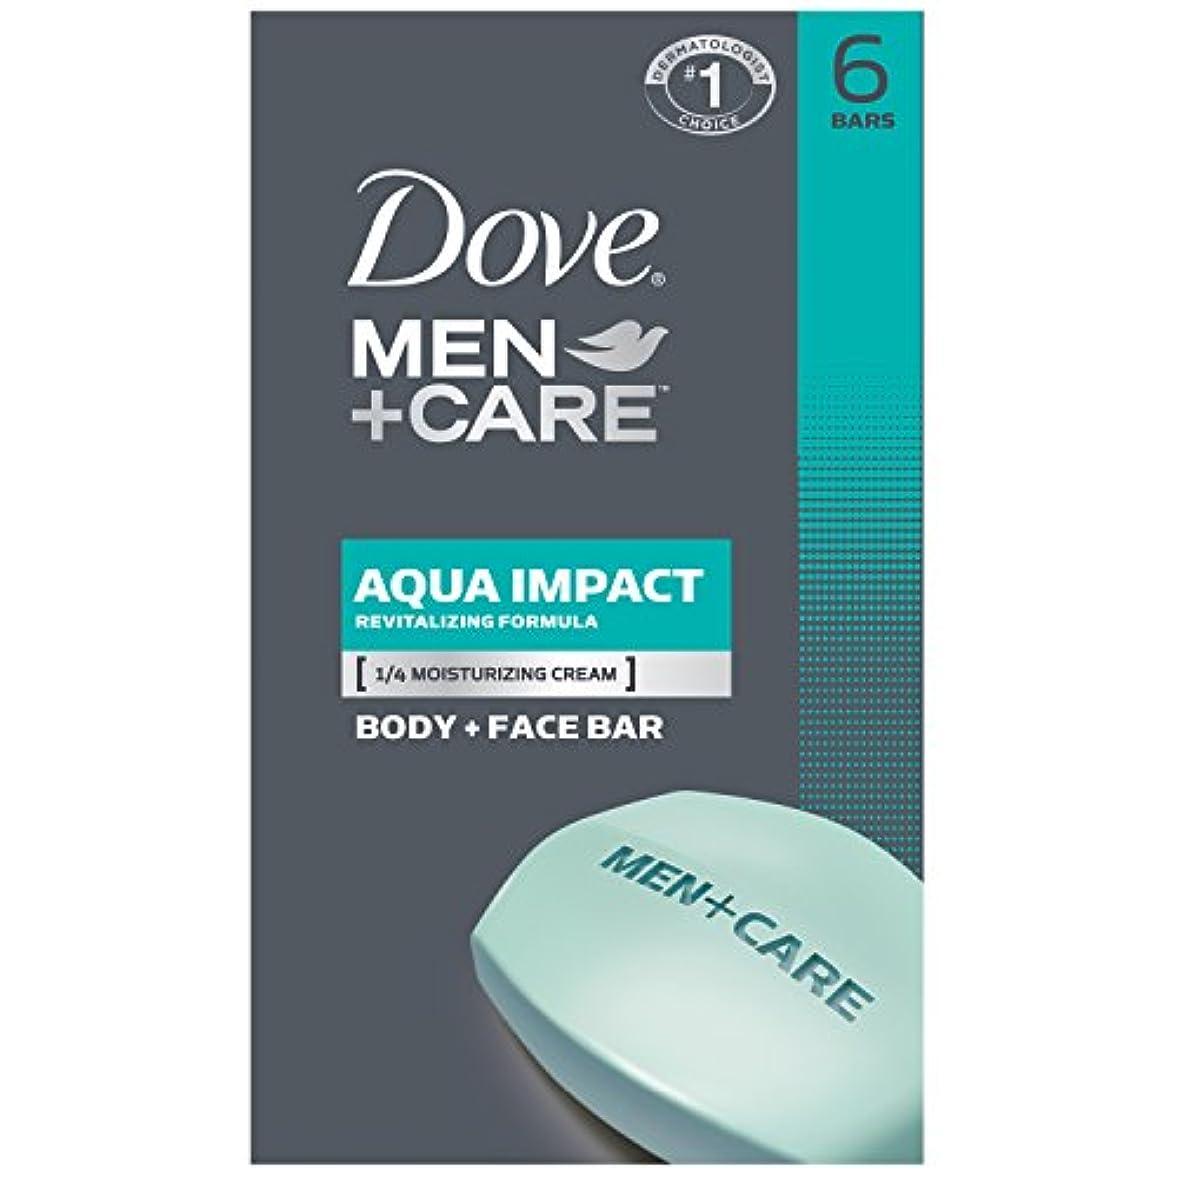 予防接種する予測子開始Dove 男性+ケアボディと顔バー - アクア影響 - 4オズ - 6のCt